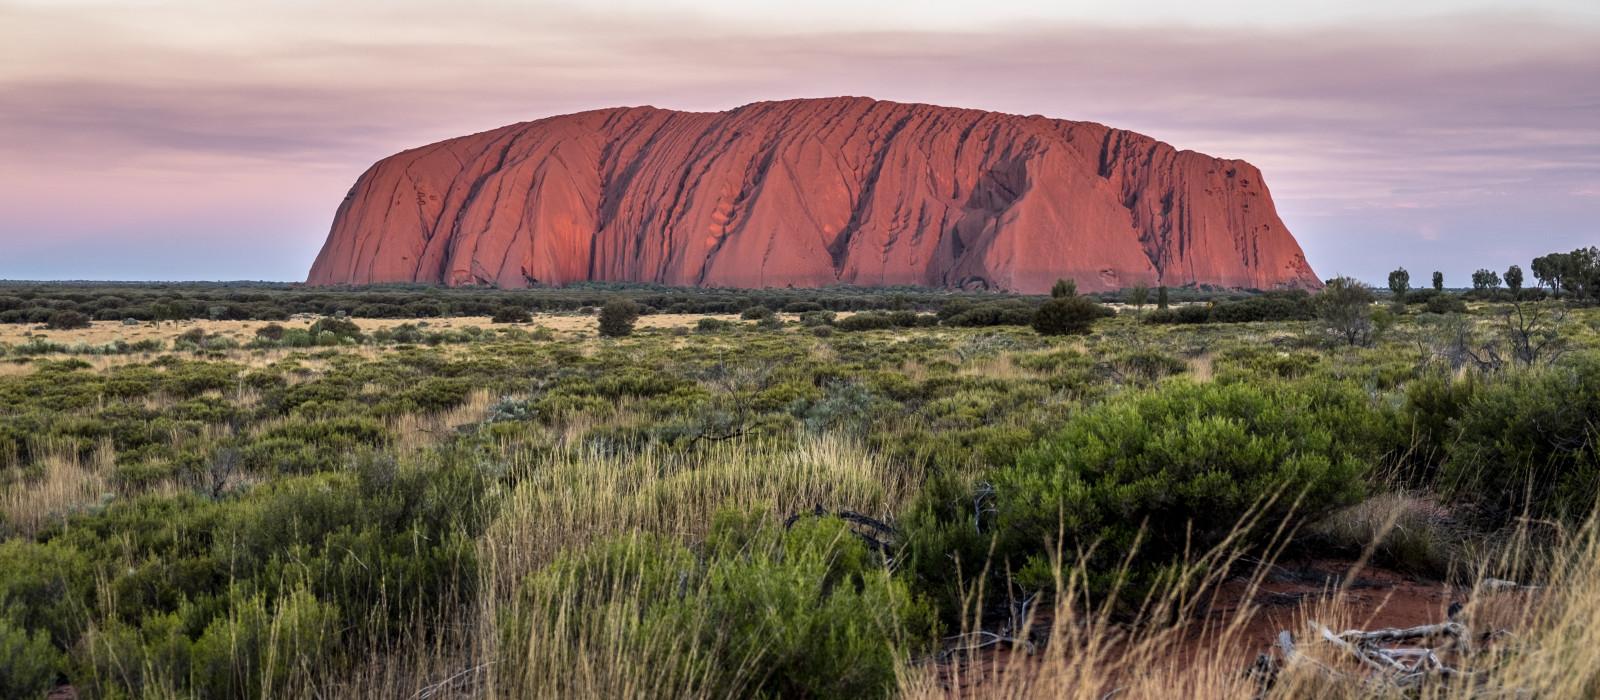 Reiseziel Ayers Rock / Uluru Australien